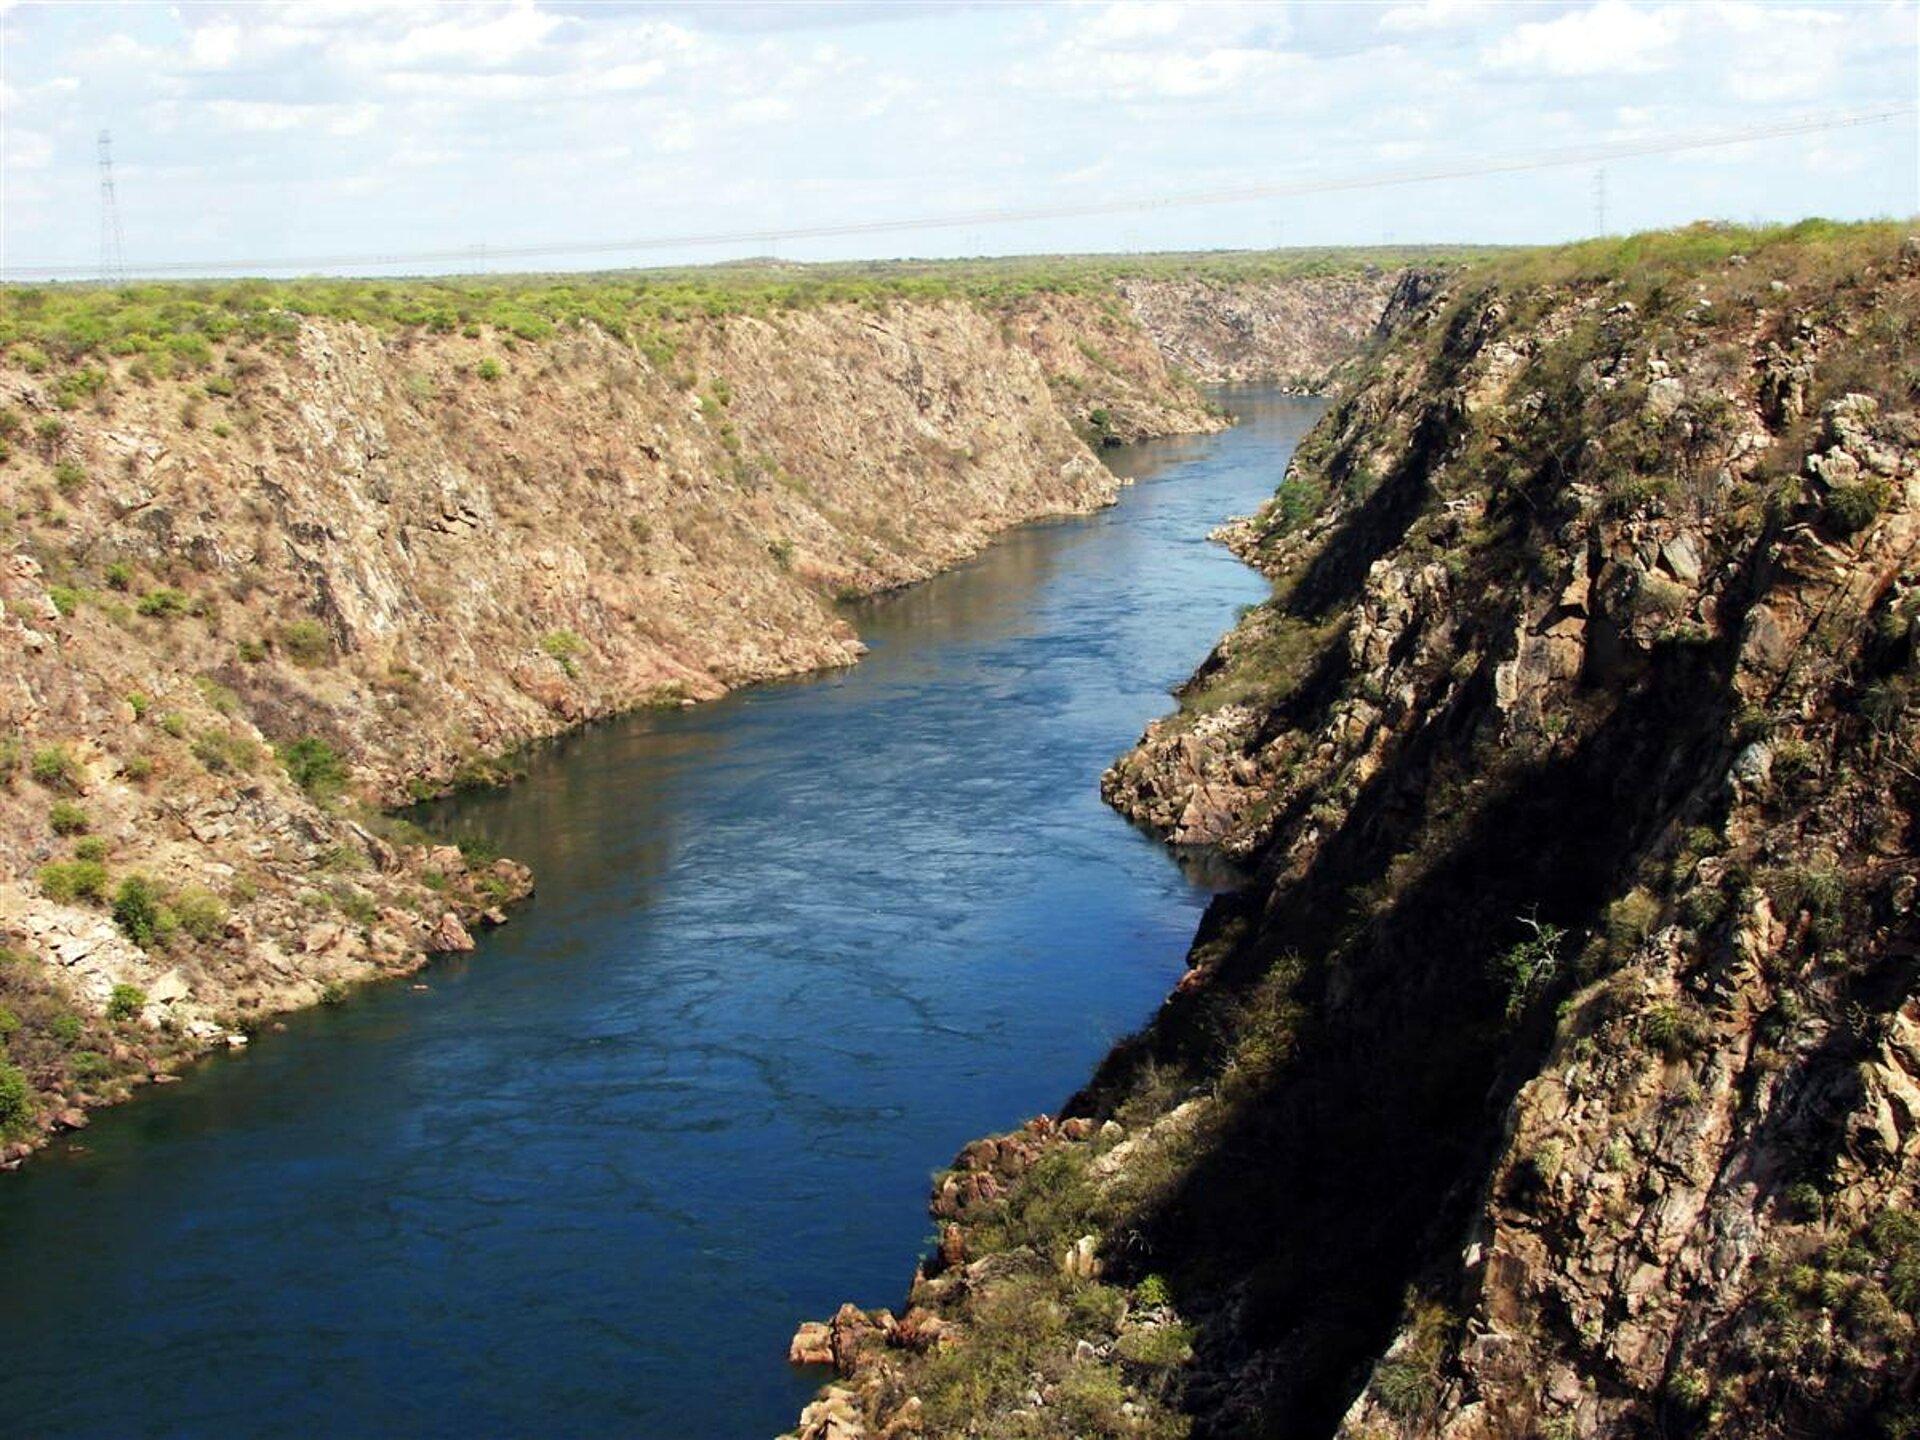 Na ilustracji rzeka płynąca wgłębokiej dolinie ostromych zboczach. Zbocza kamieniste, odsłonięte. Nurt rzeki wartki.